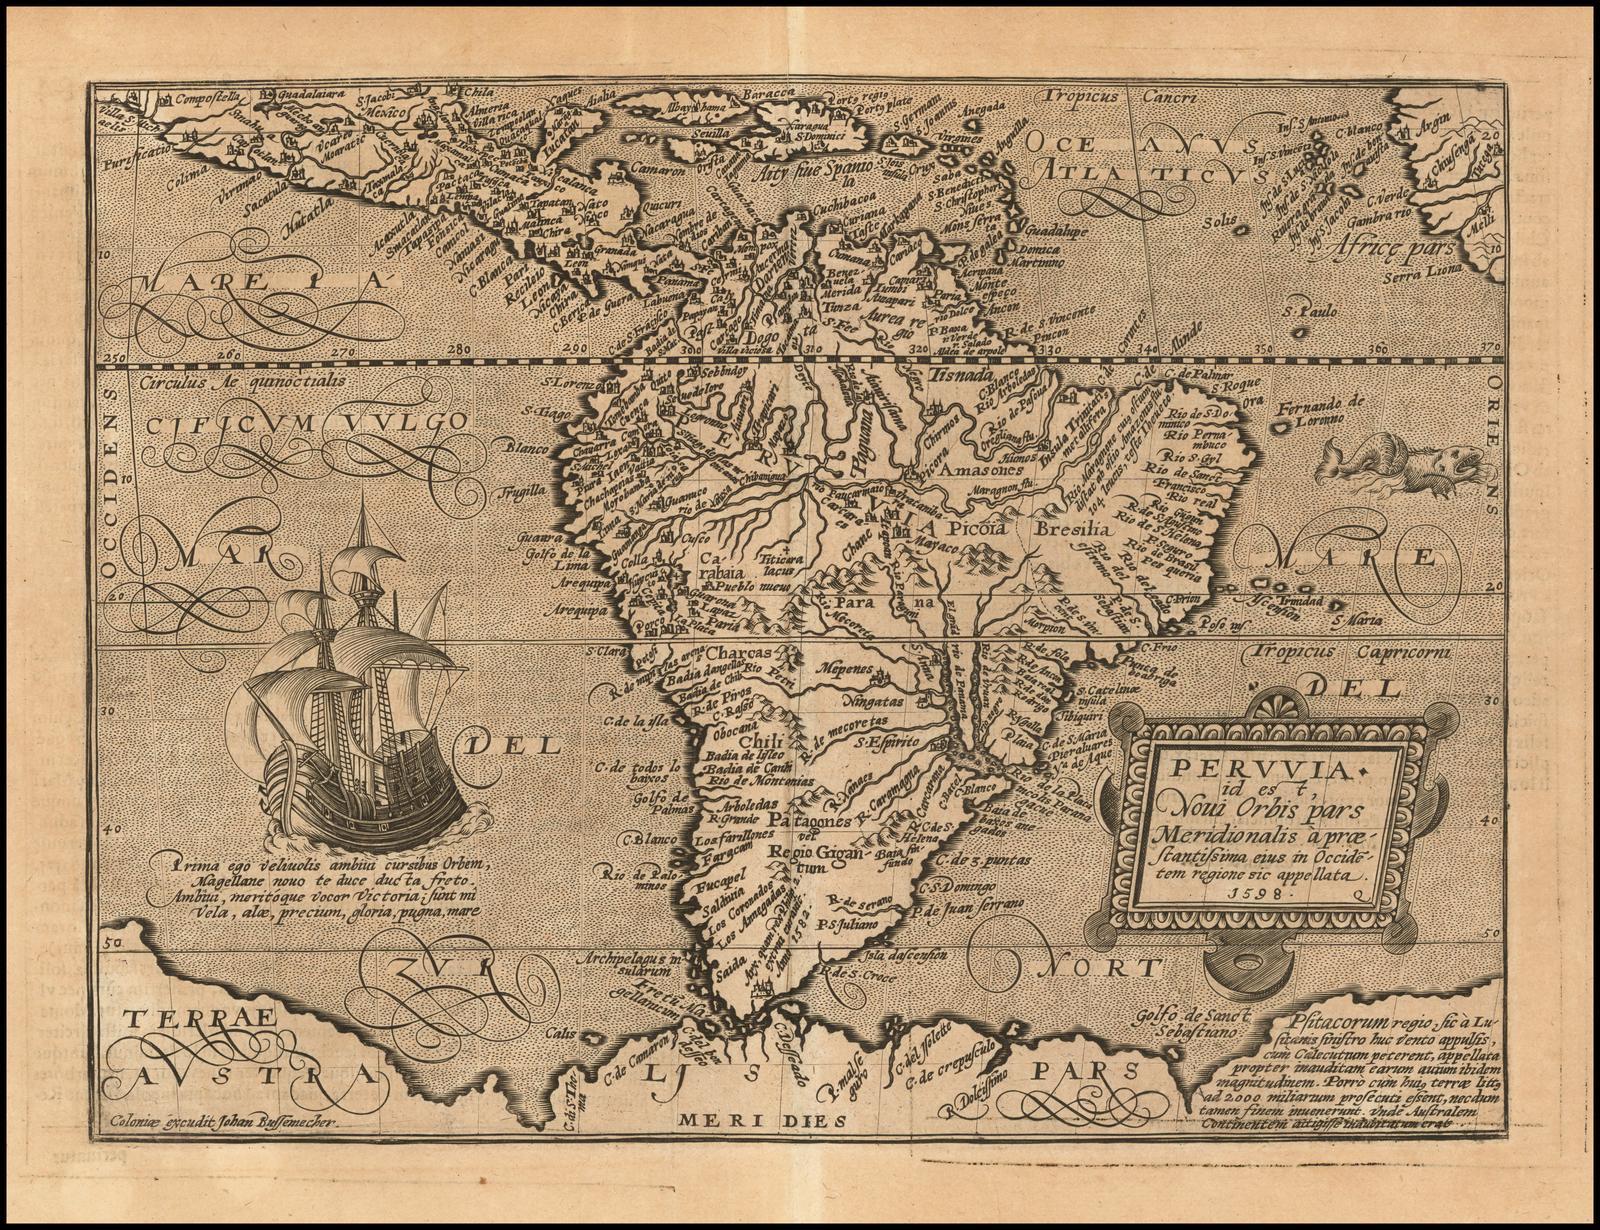 Старинная карта Южноамериканского континента 16 века, гравированная в Кельне Иоганном Буссемахером для Quad